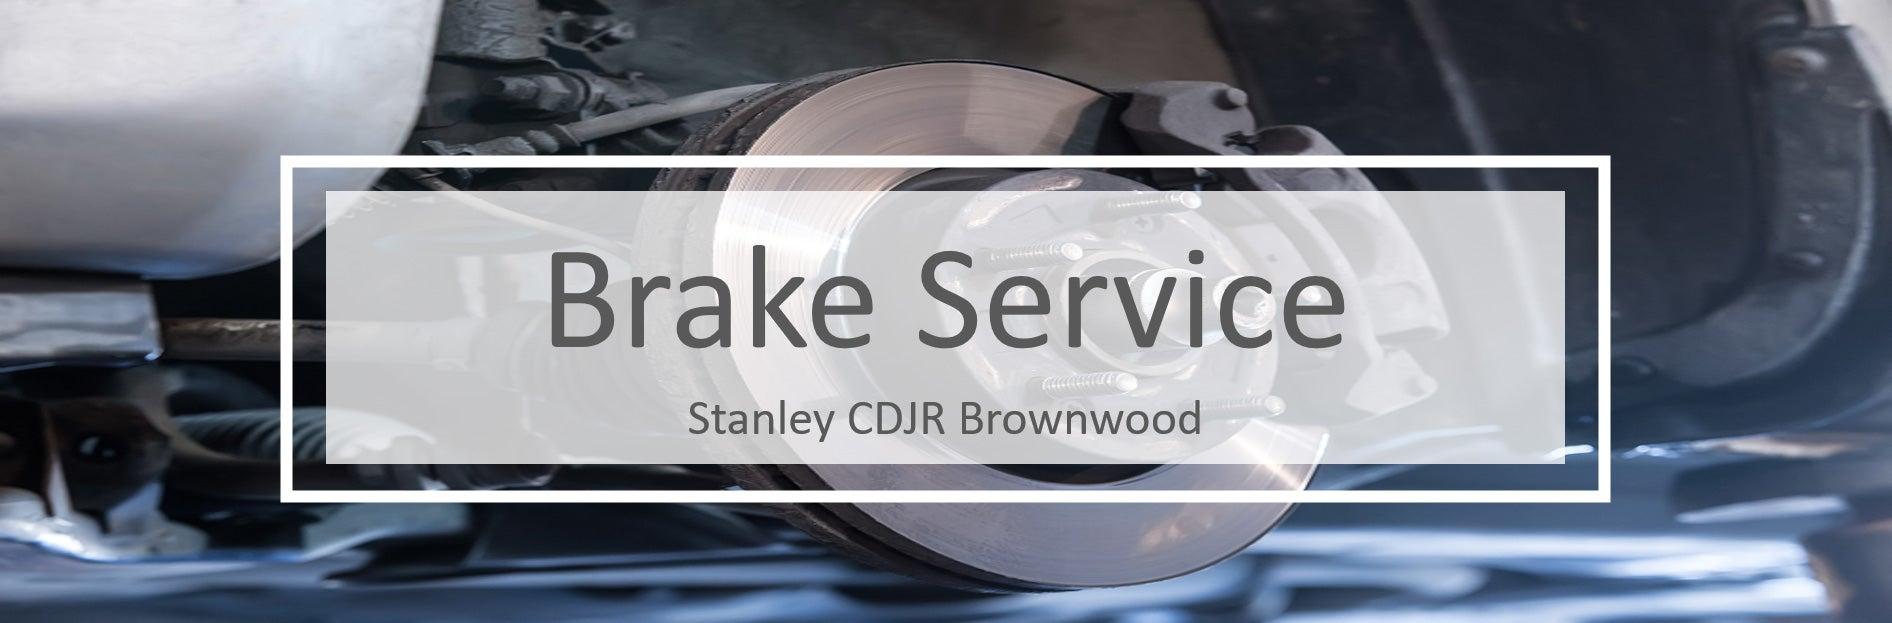 vehicle brake service repair stanley cdjr brownwood stanley cdjr brownwood